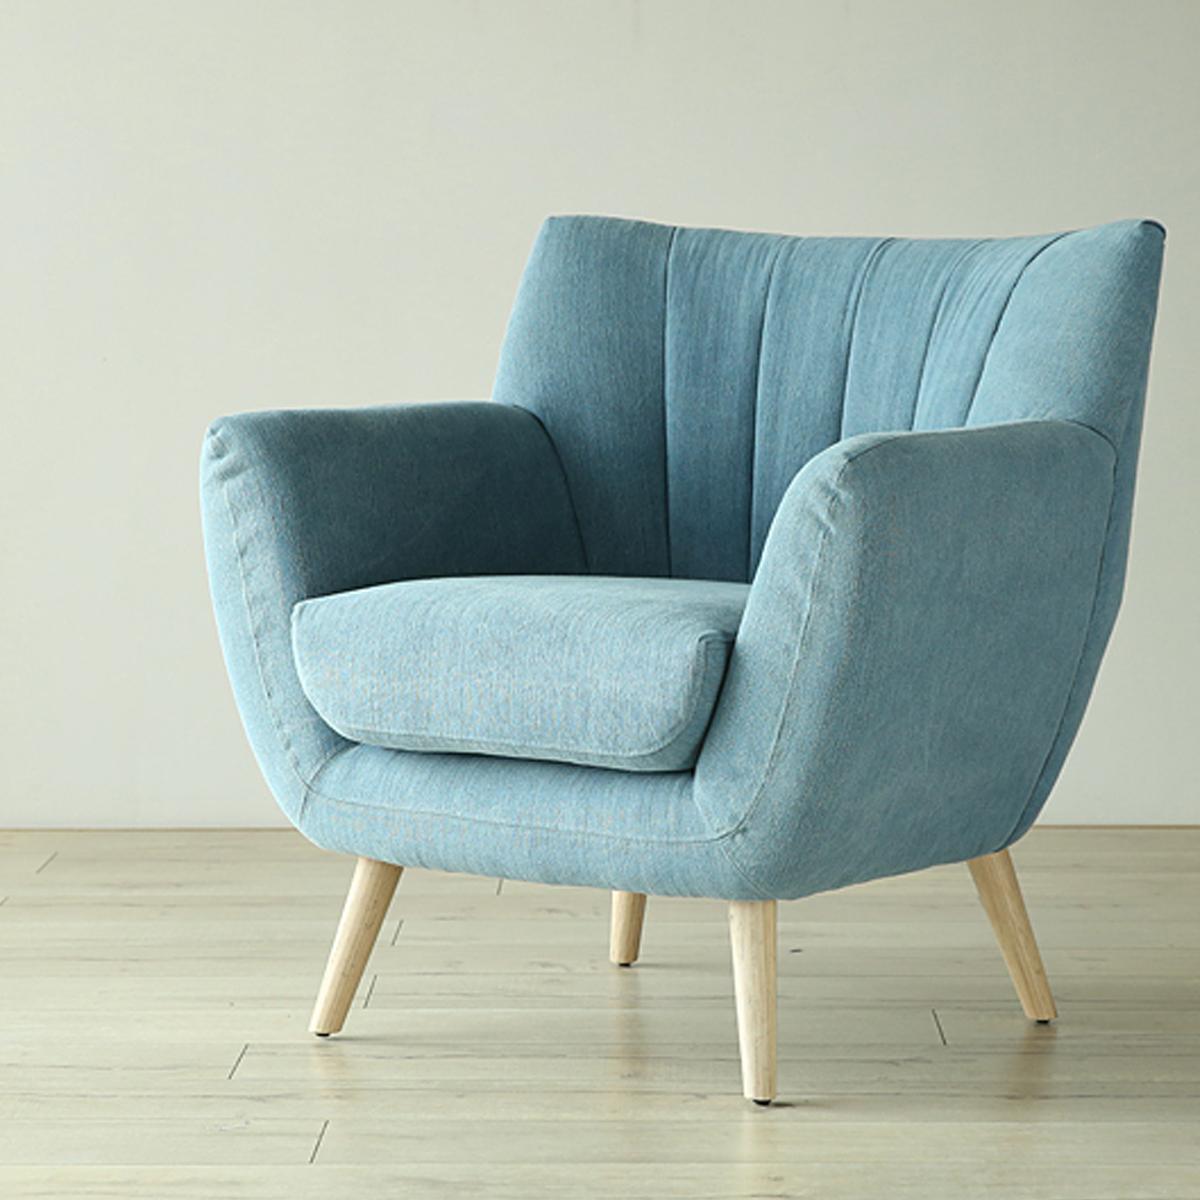 Cách chọn kích thước ghế sofa lý tưởng cho không gian nhà bạn - Ảnh 6.